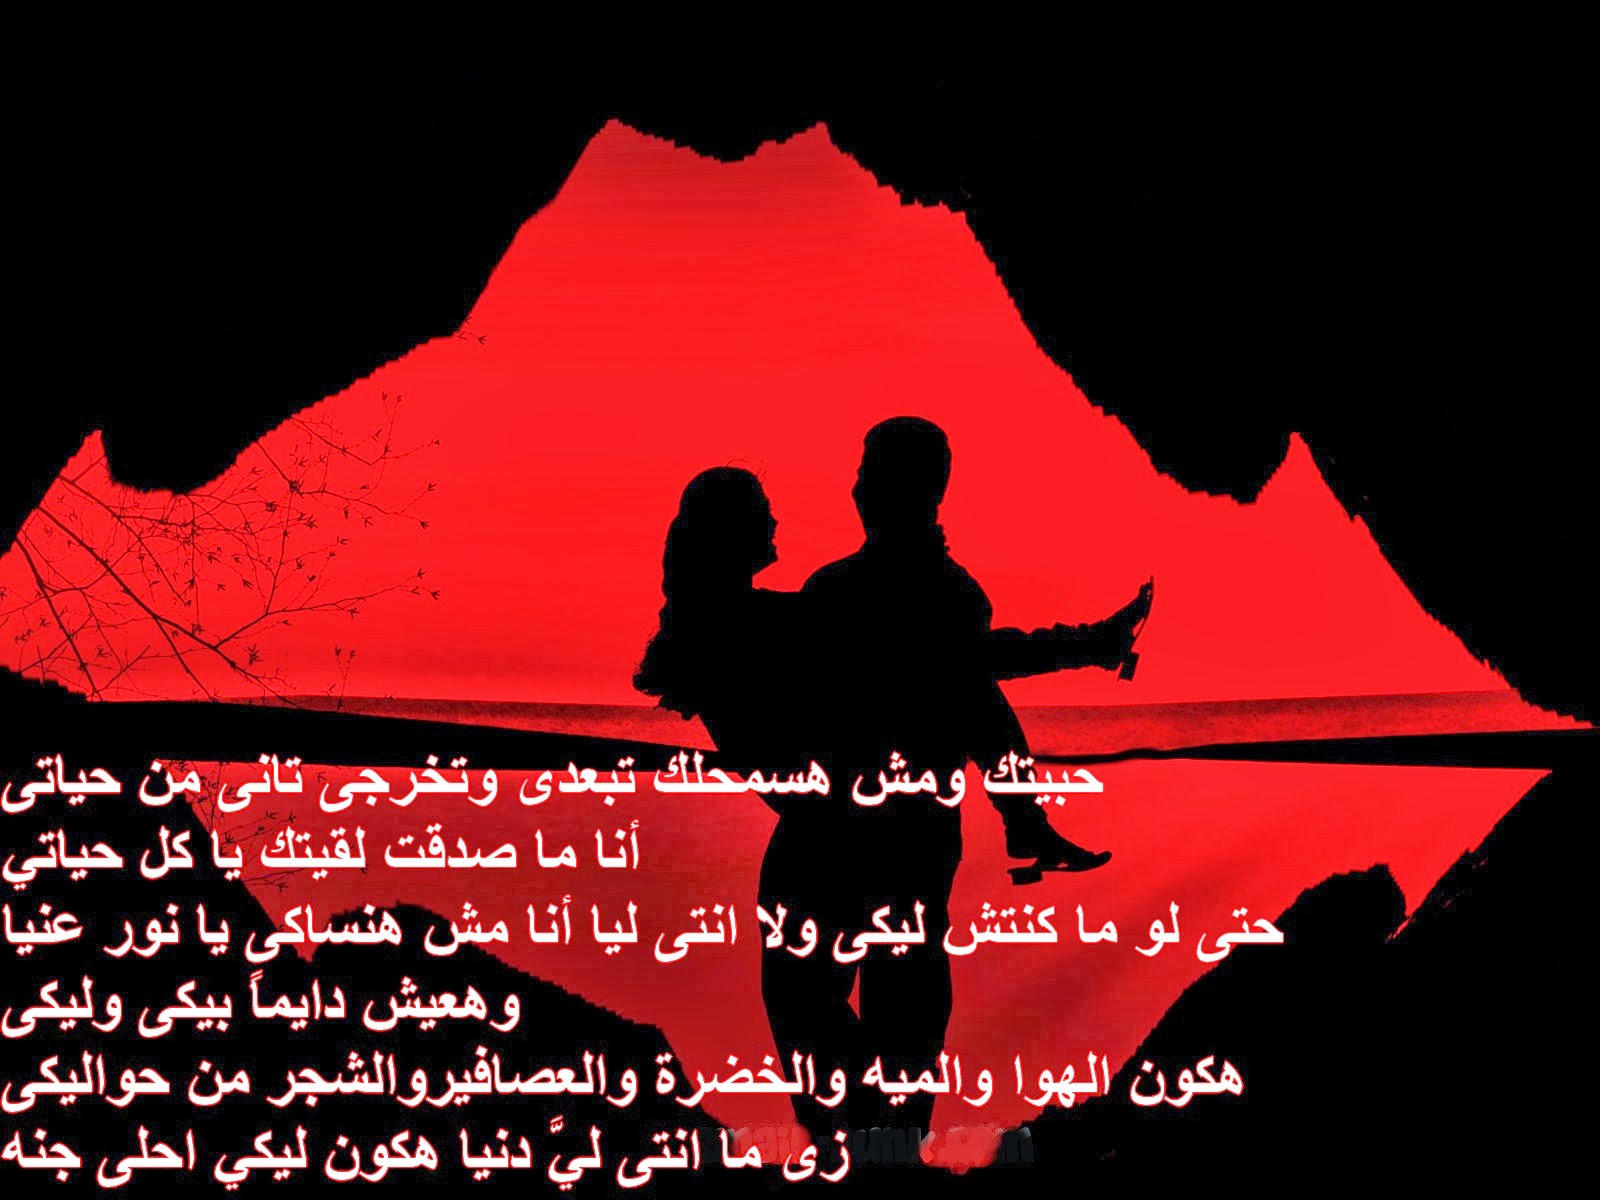 بالصور اجمل كلام عن الحب , عبارات حب رومانسية جدا 1061 6